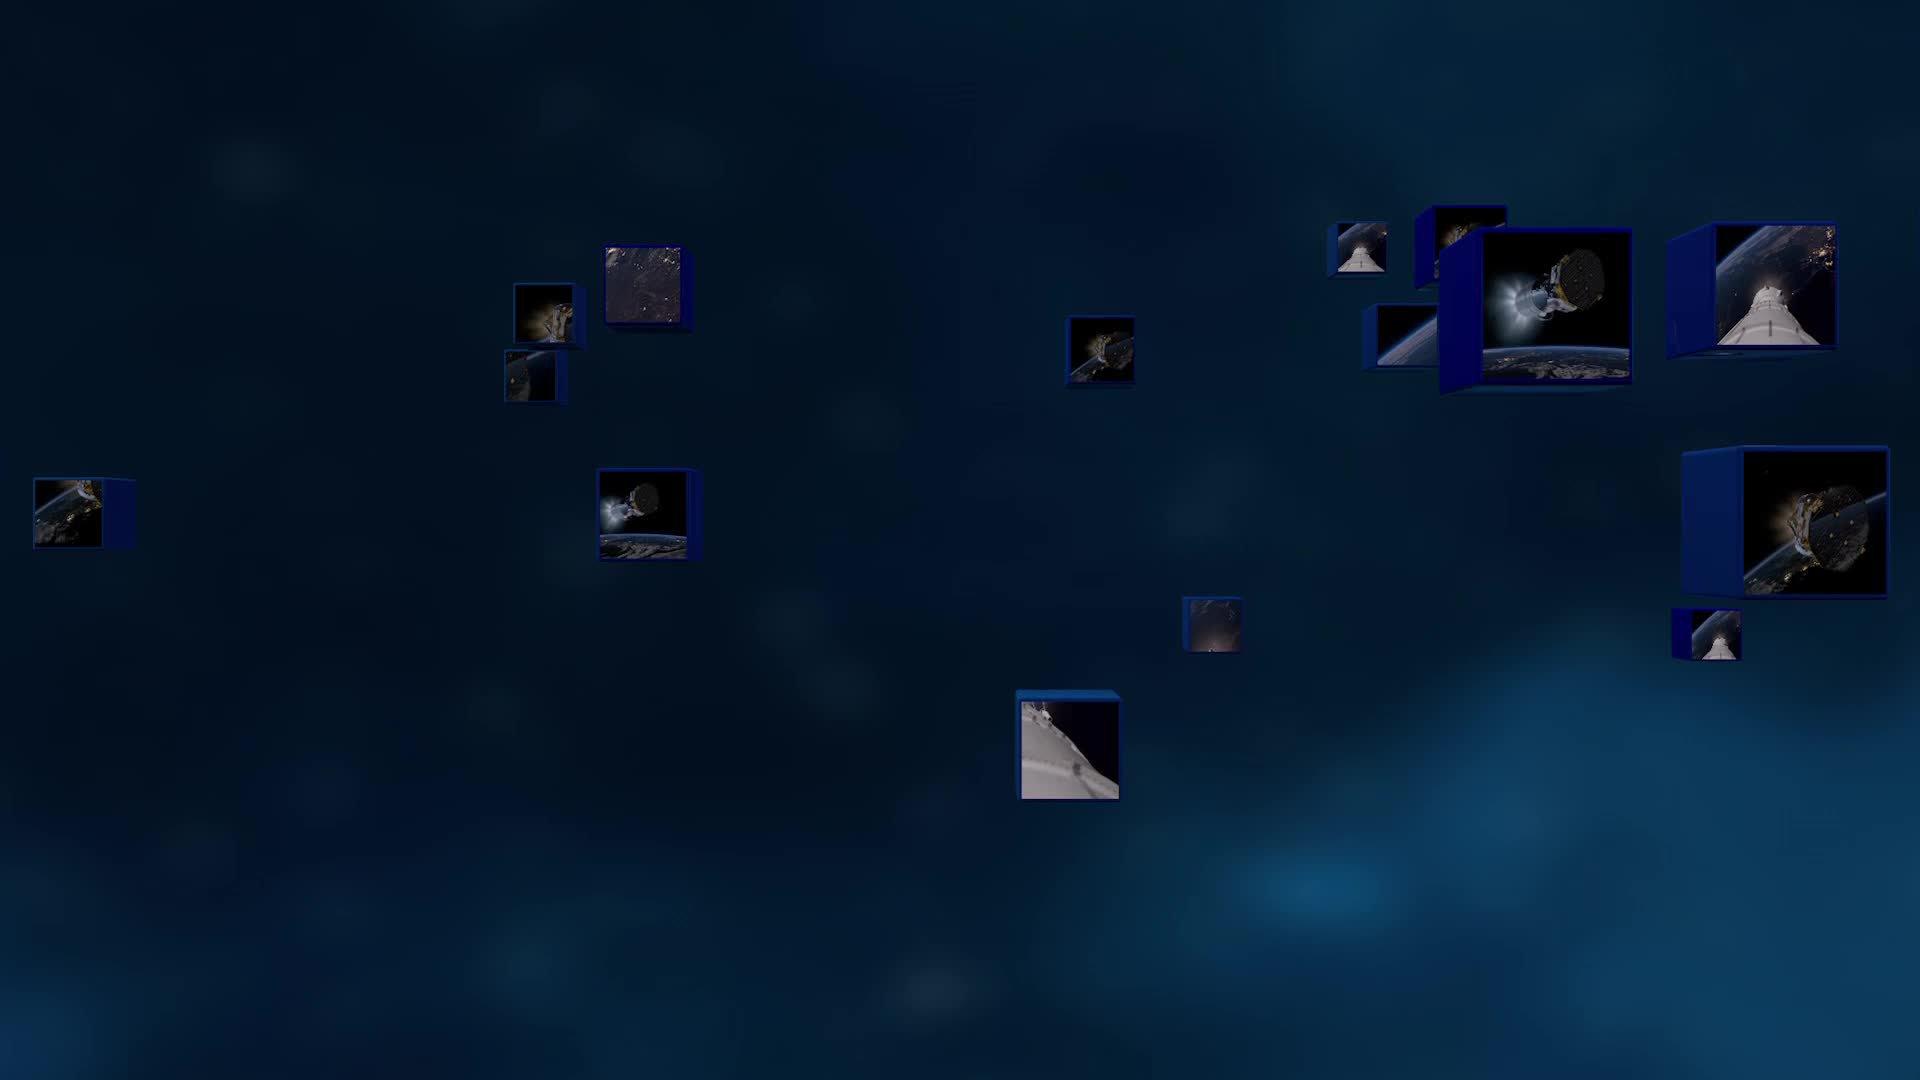 Lisa Pathfinder - Space Exploration Satellite